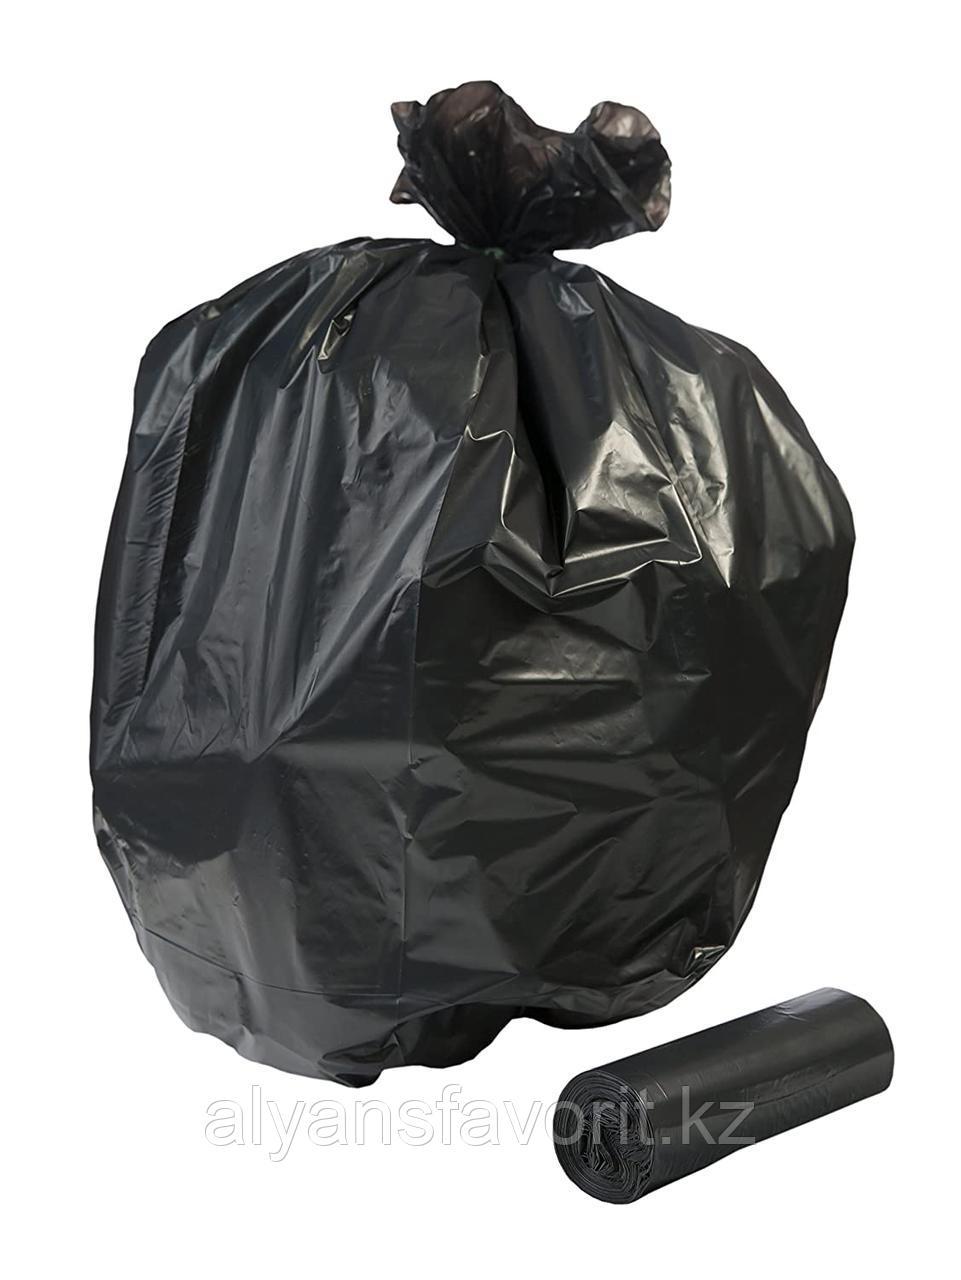 Пакет для мусора черный на 30 литров 26(12+12)*60*15 мкр. РК